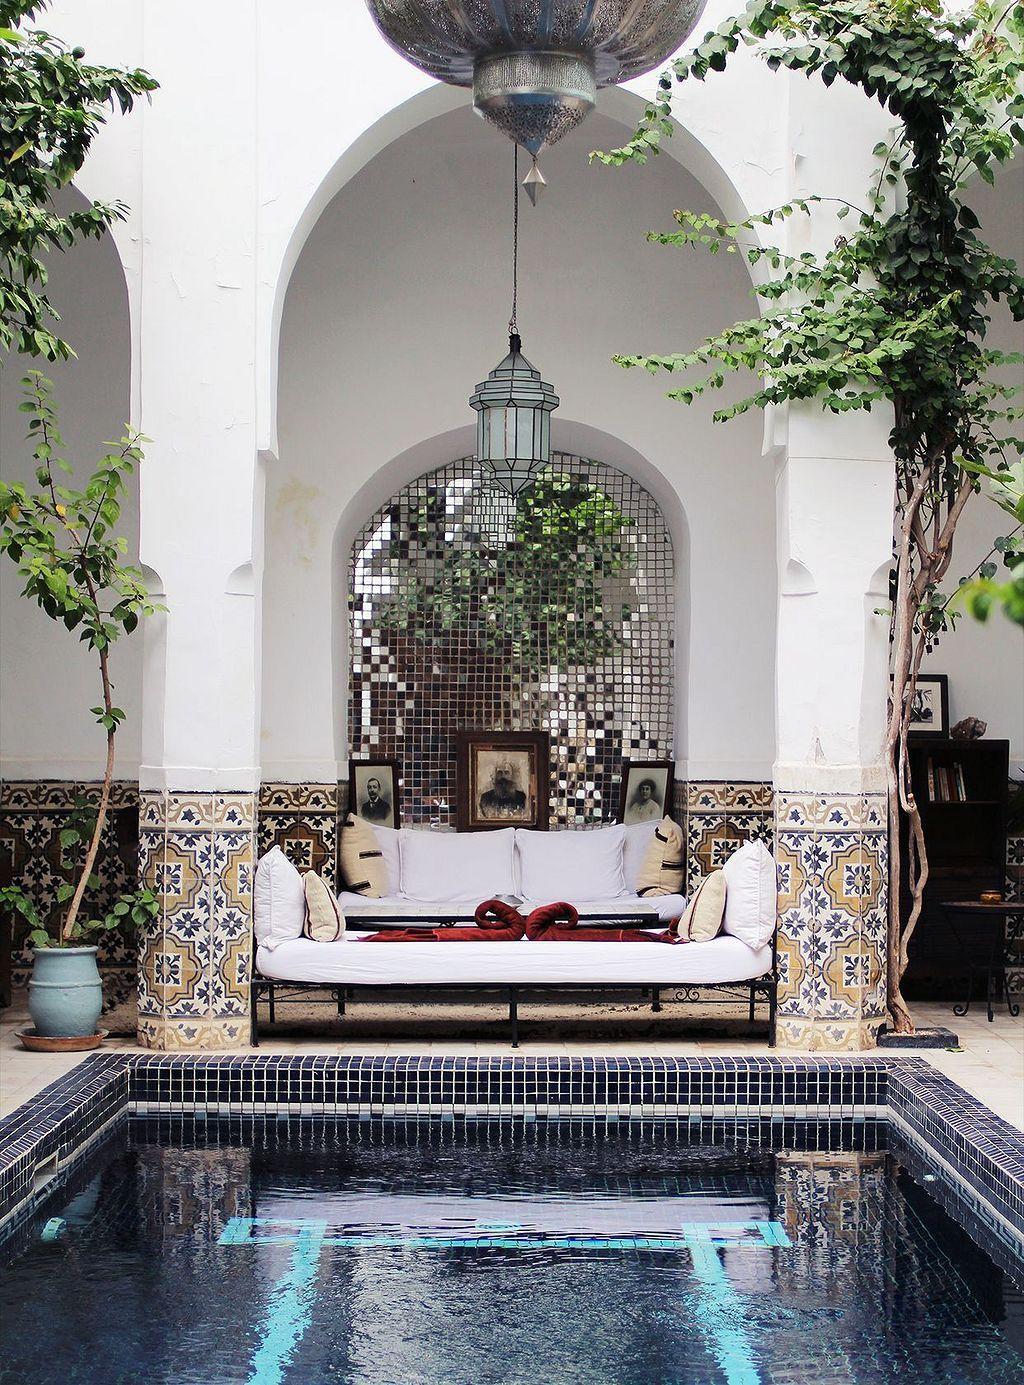 moroccan furniture decor. 100+ Moroccan House Decor Ideas Furniture I